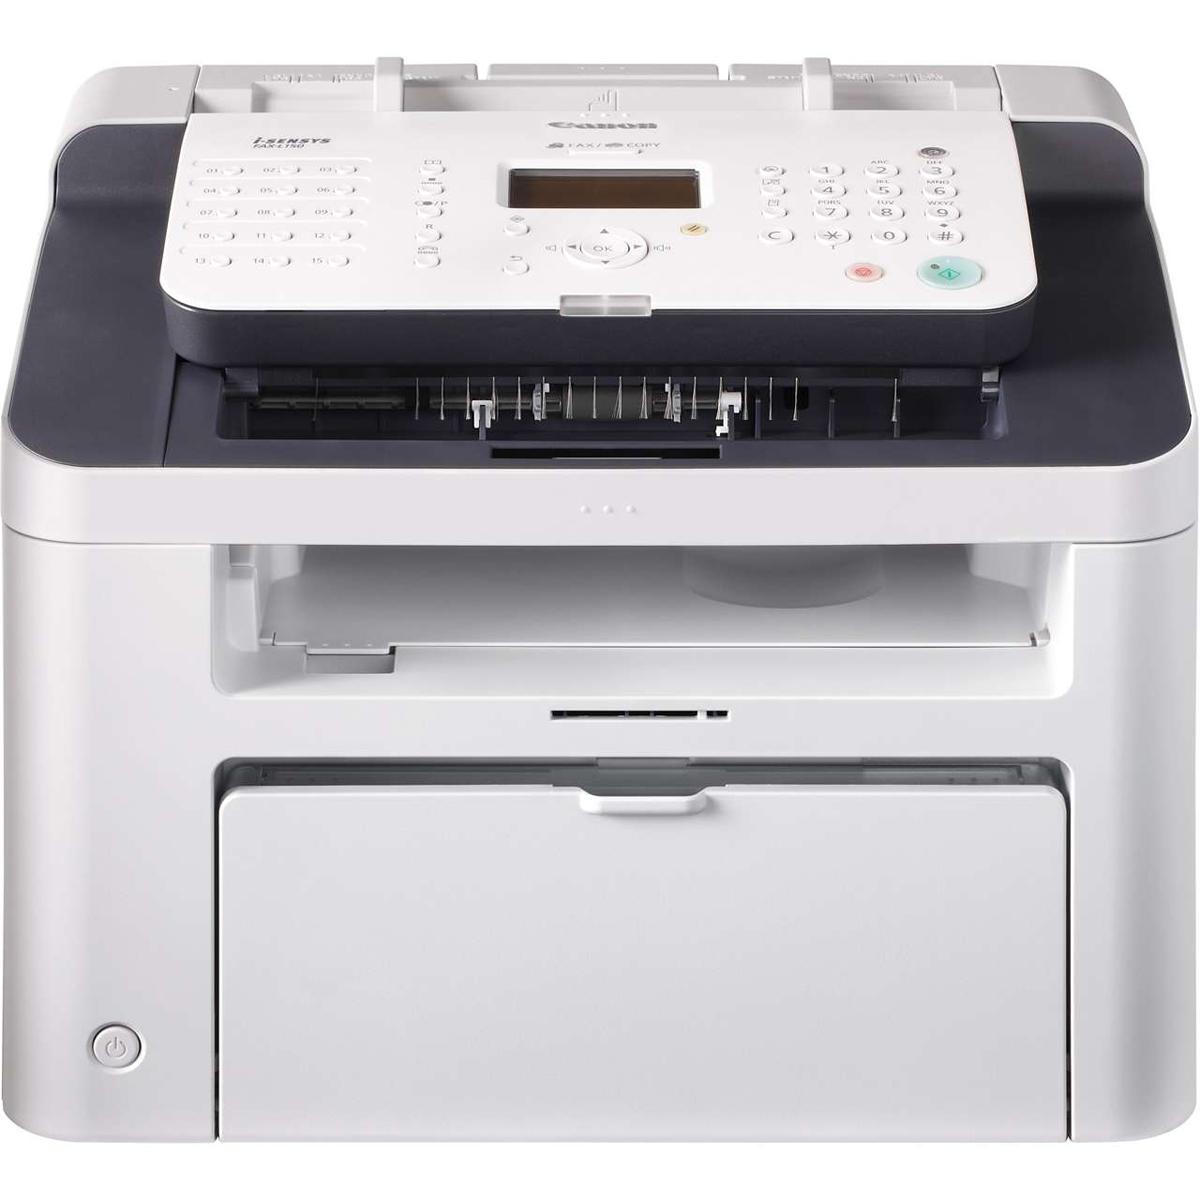 Canon i-SENSYS FAX-L150 Laser-Multifunktionsfax s/w 5258B051(A4, 3-in-1, Drucker, Kopierer, Fax, USB, ADF)